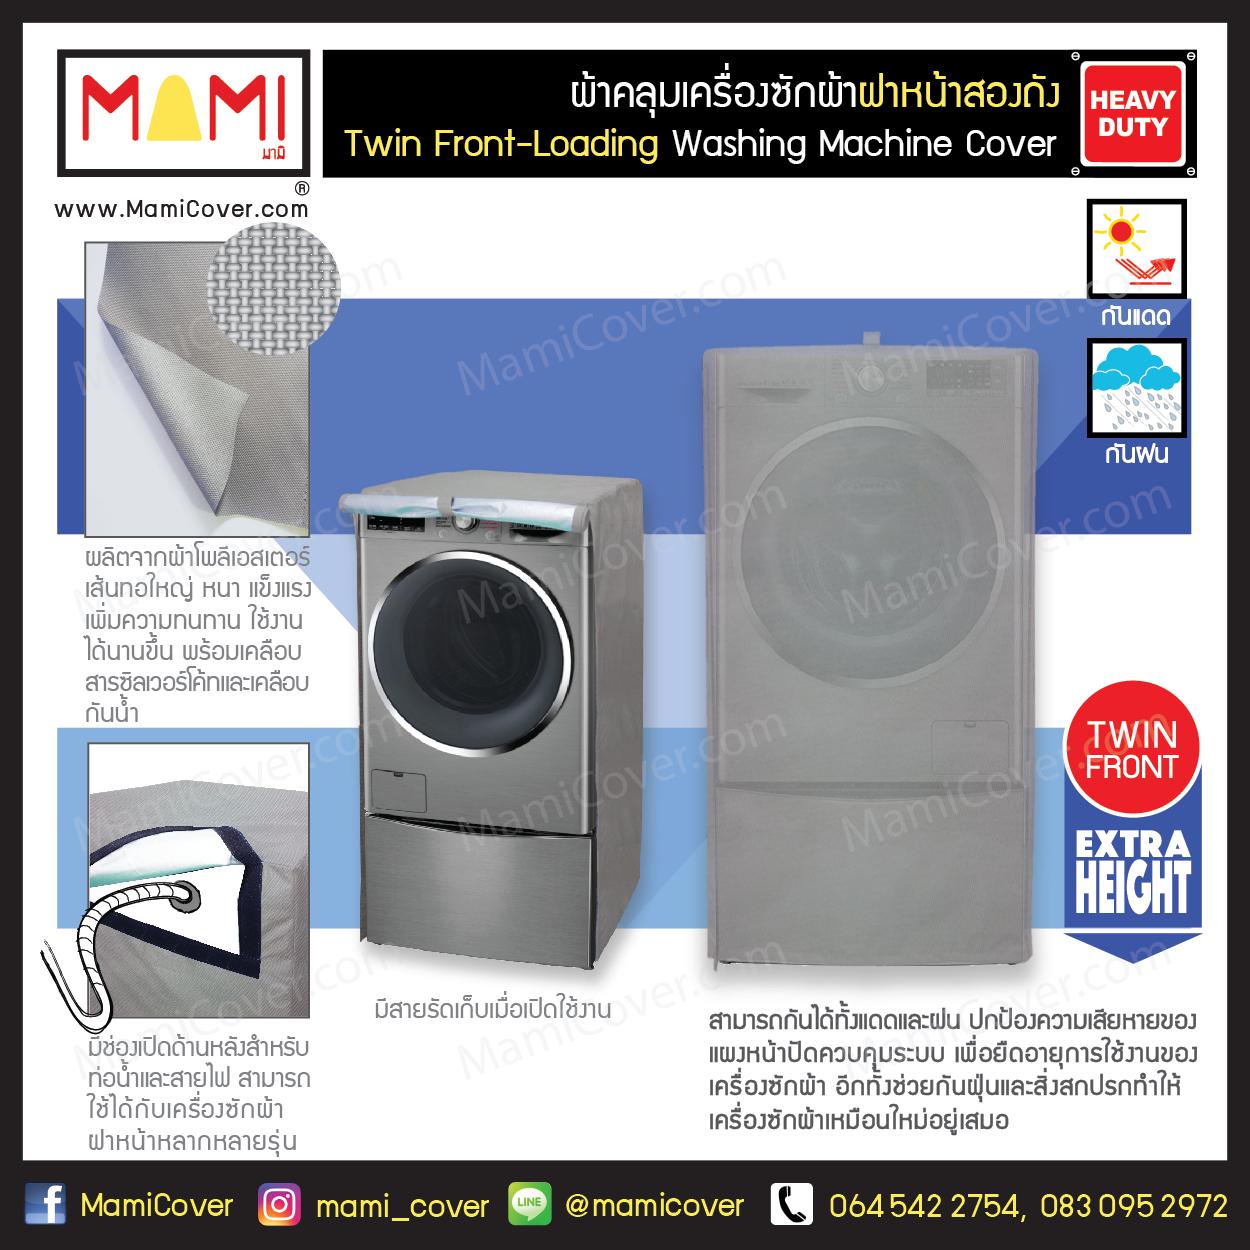 ผ้าคลุมเครื่องซักผ้าฝาหน้าสองถัง Mami กันฝุ่น กันแดด กันฝน มีช่องร้อยท่อน้ำและสายไฟ Twin Front-Loading Washing Machine Smart Cover